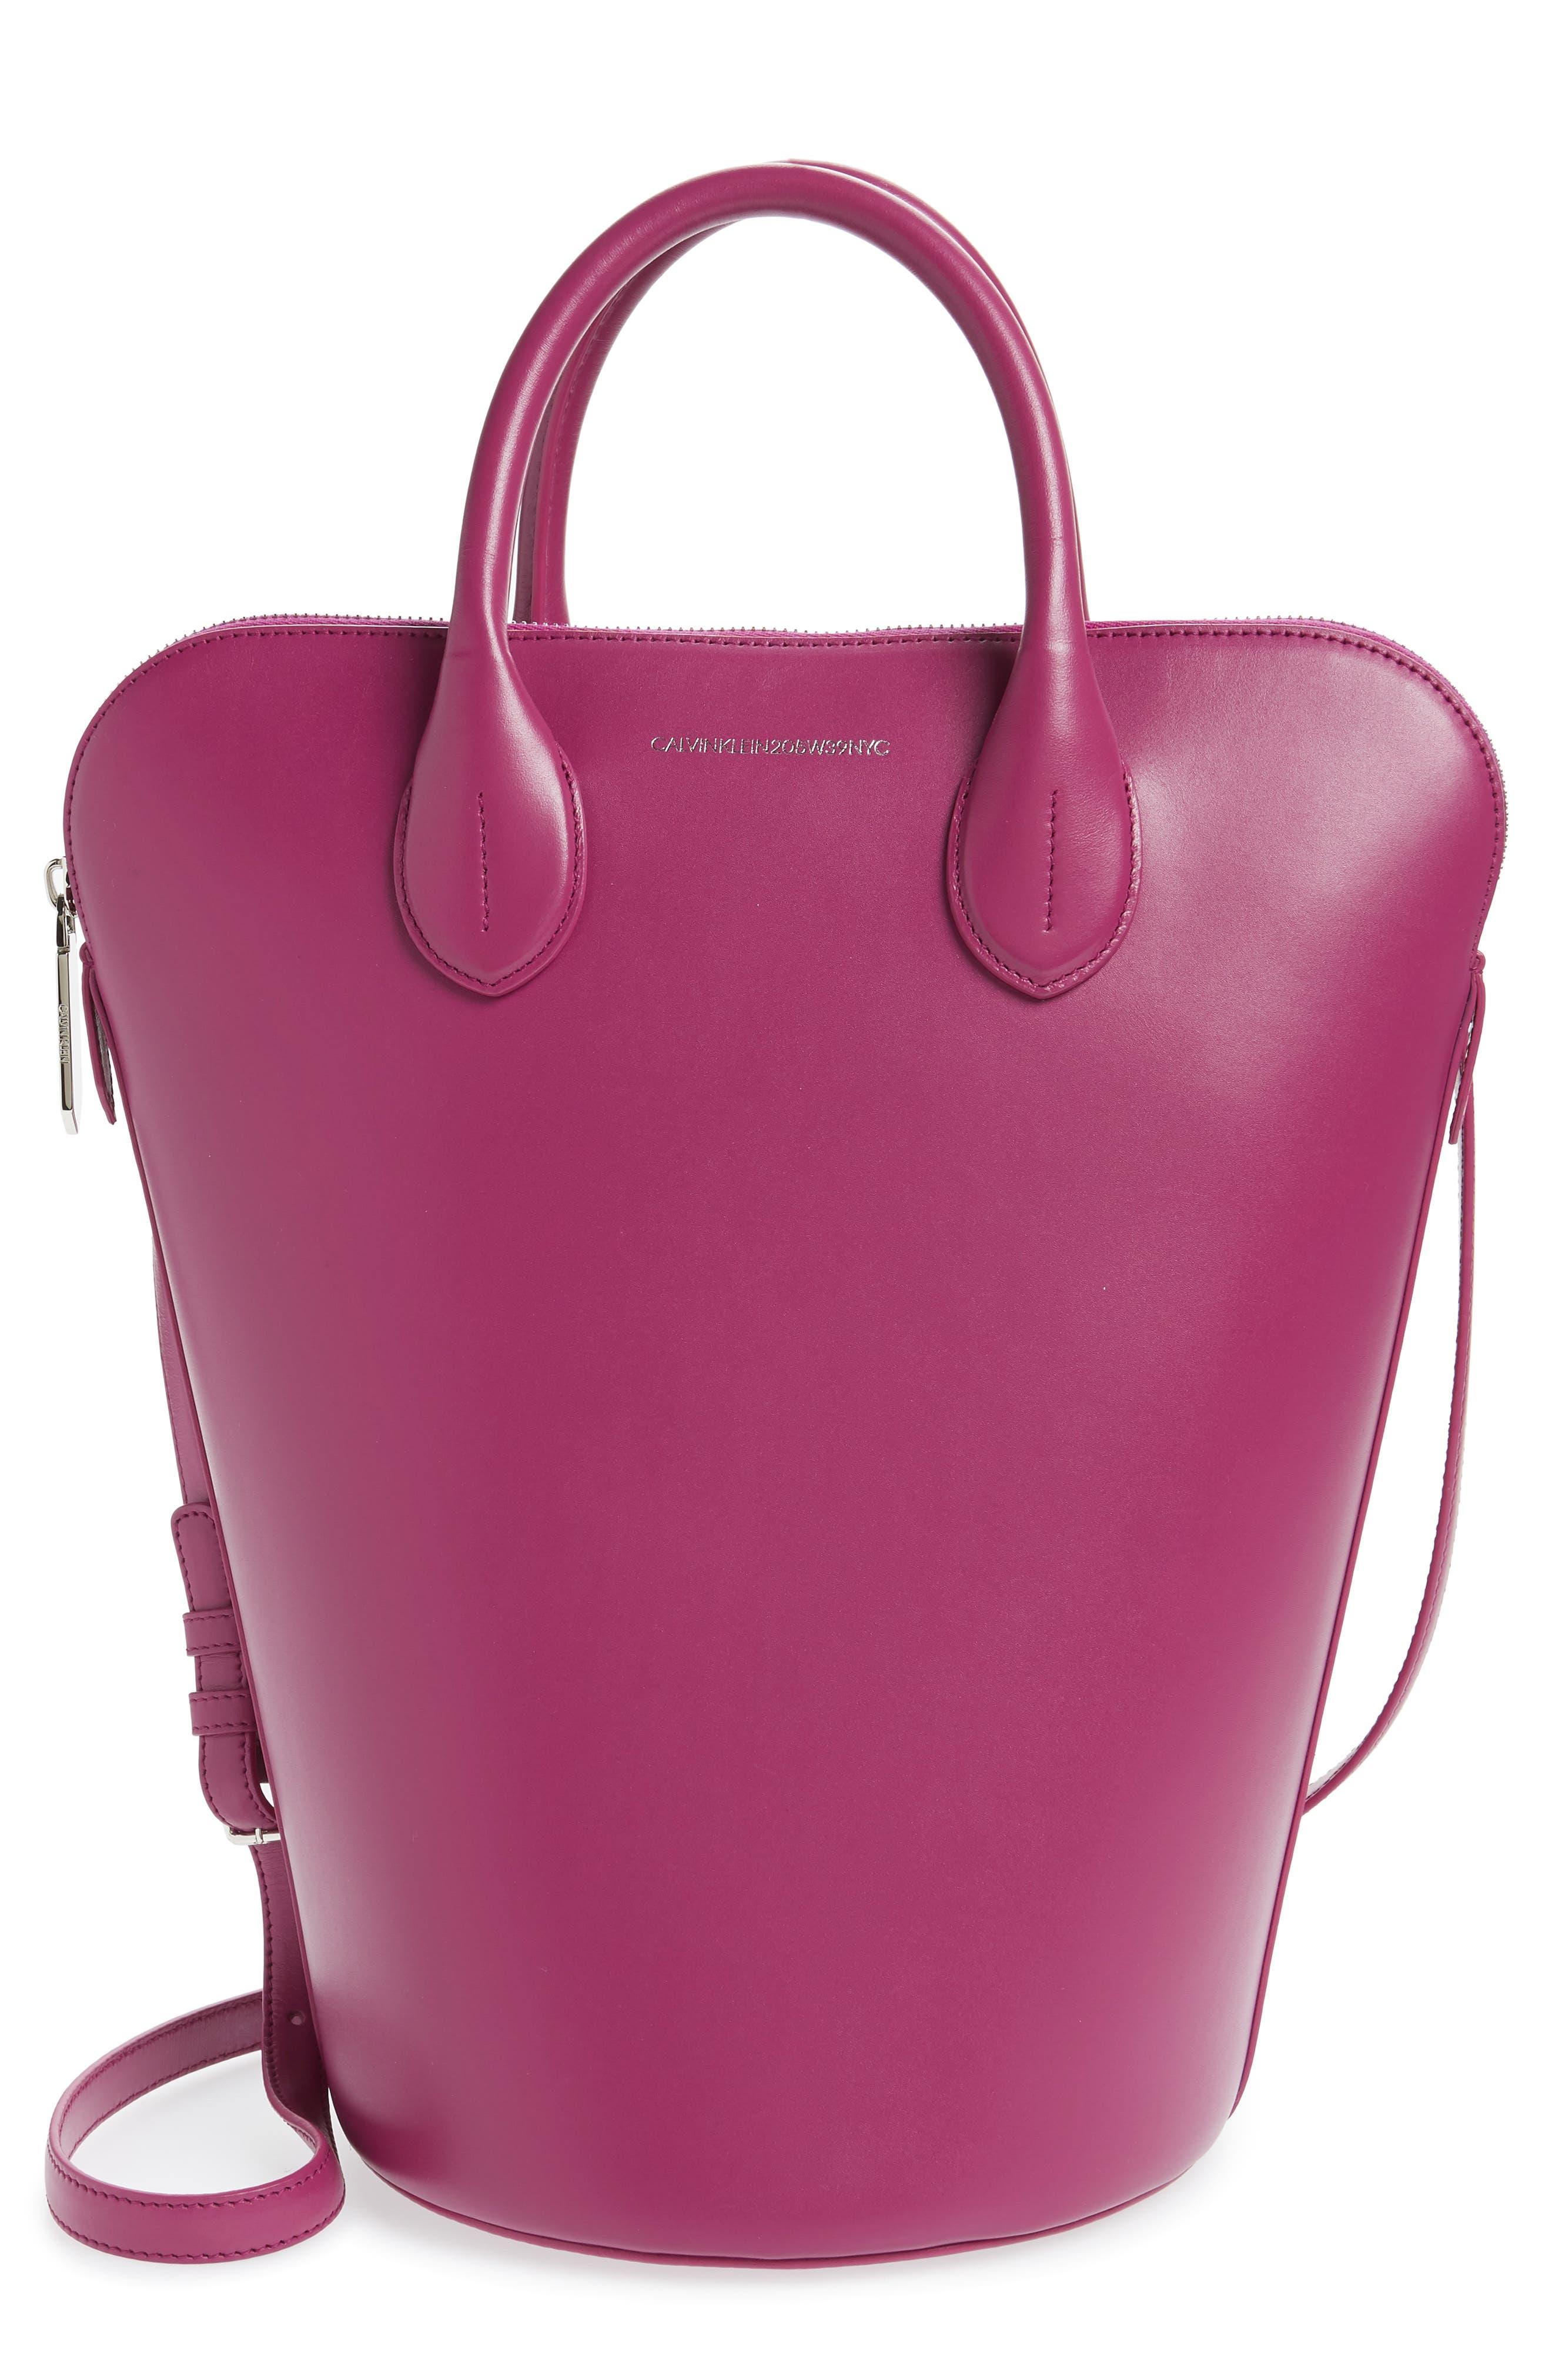 CALVIN KLEIN 205W39NYC Dalton Calfskin Bucket Bag, Main, color, MAGENTA